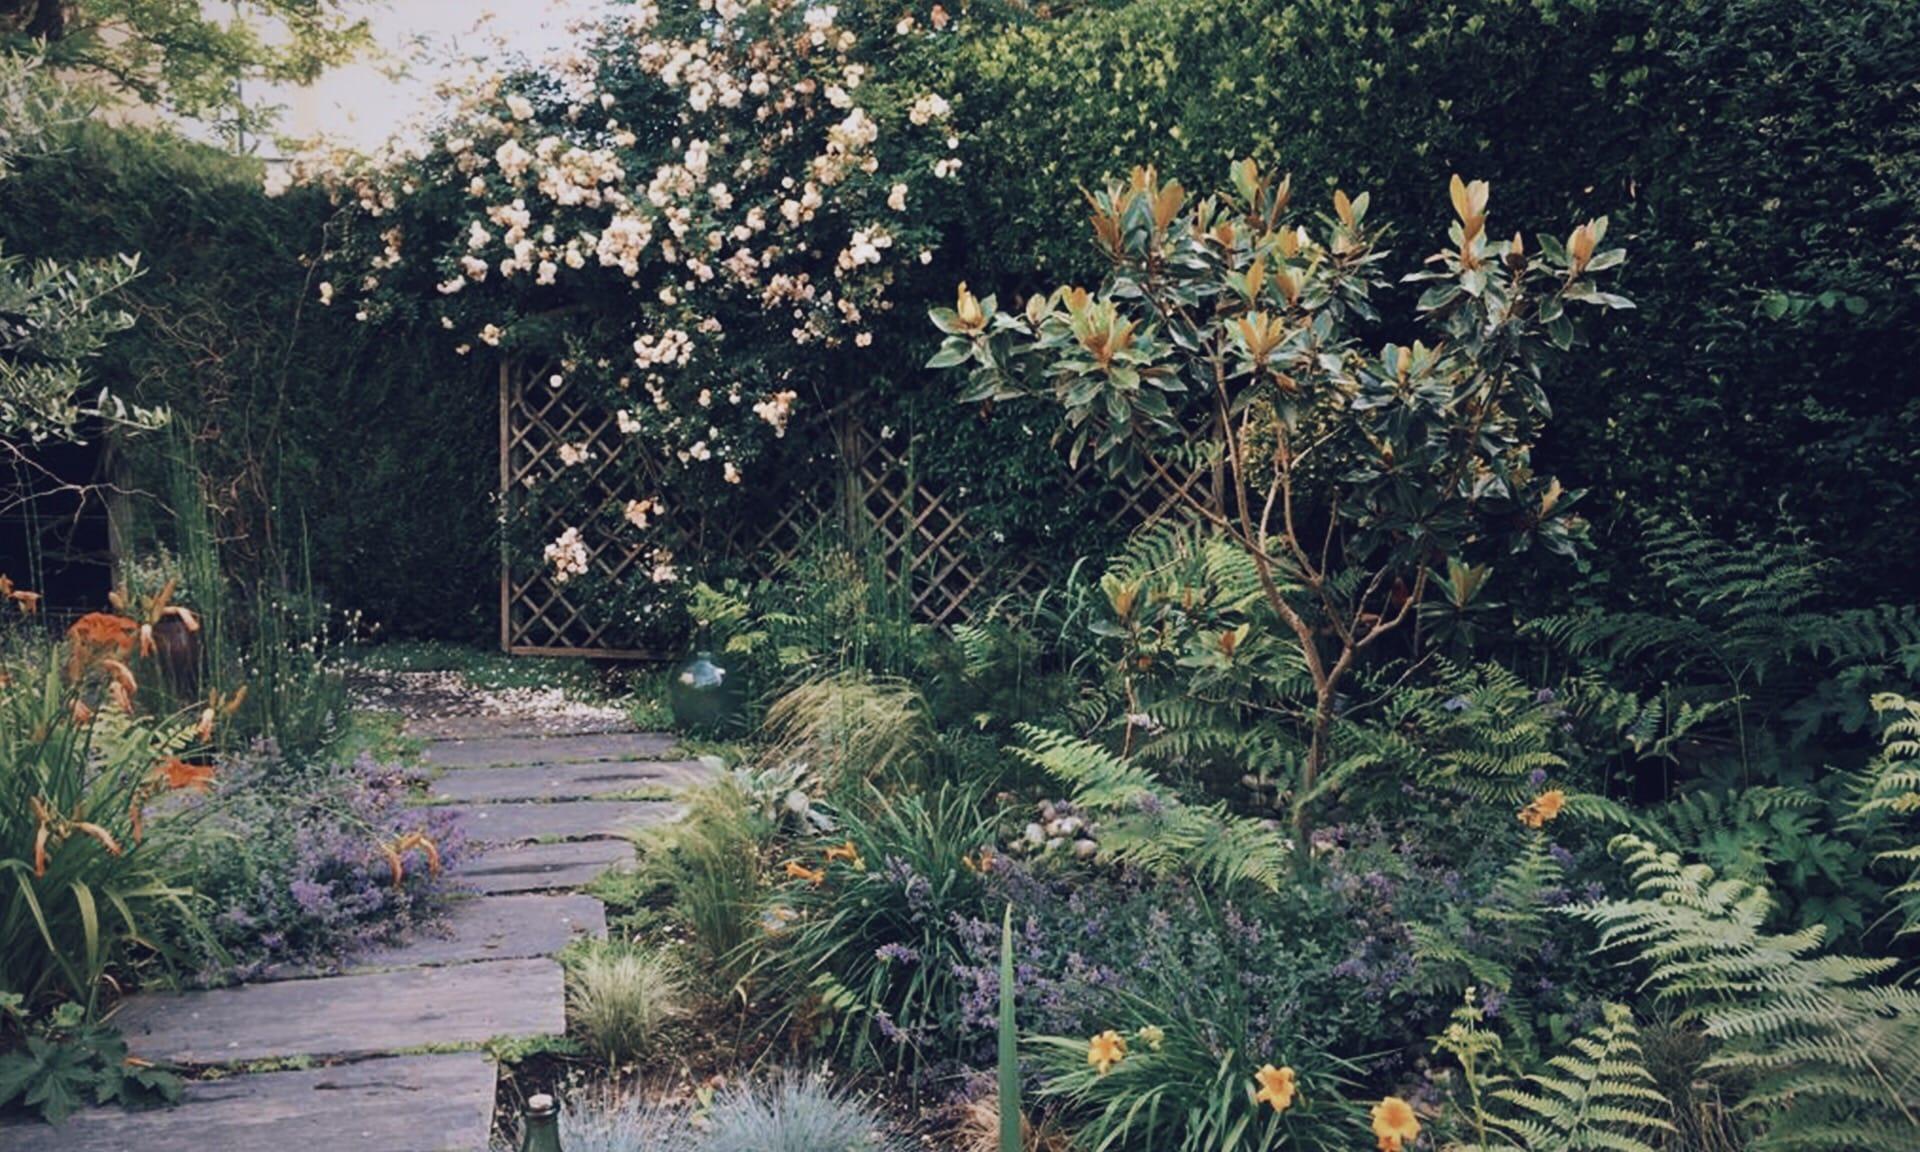 01_Nordscape_chemin-shiste-jardin-vivace